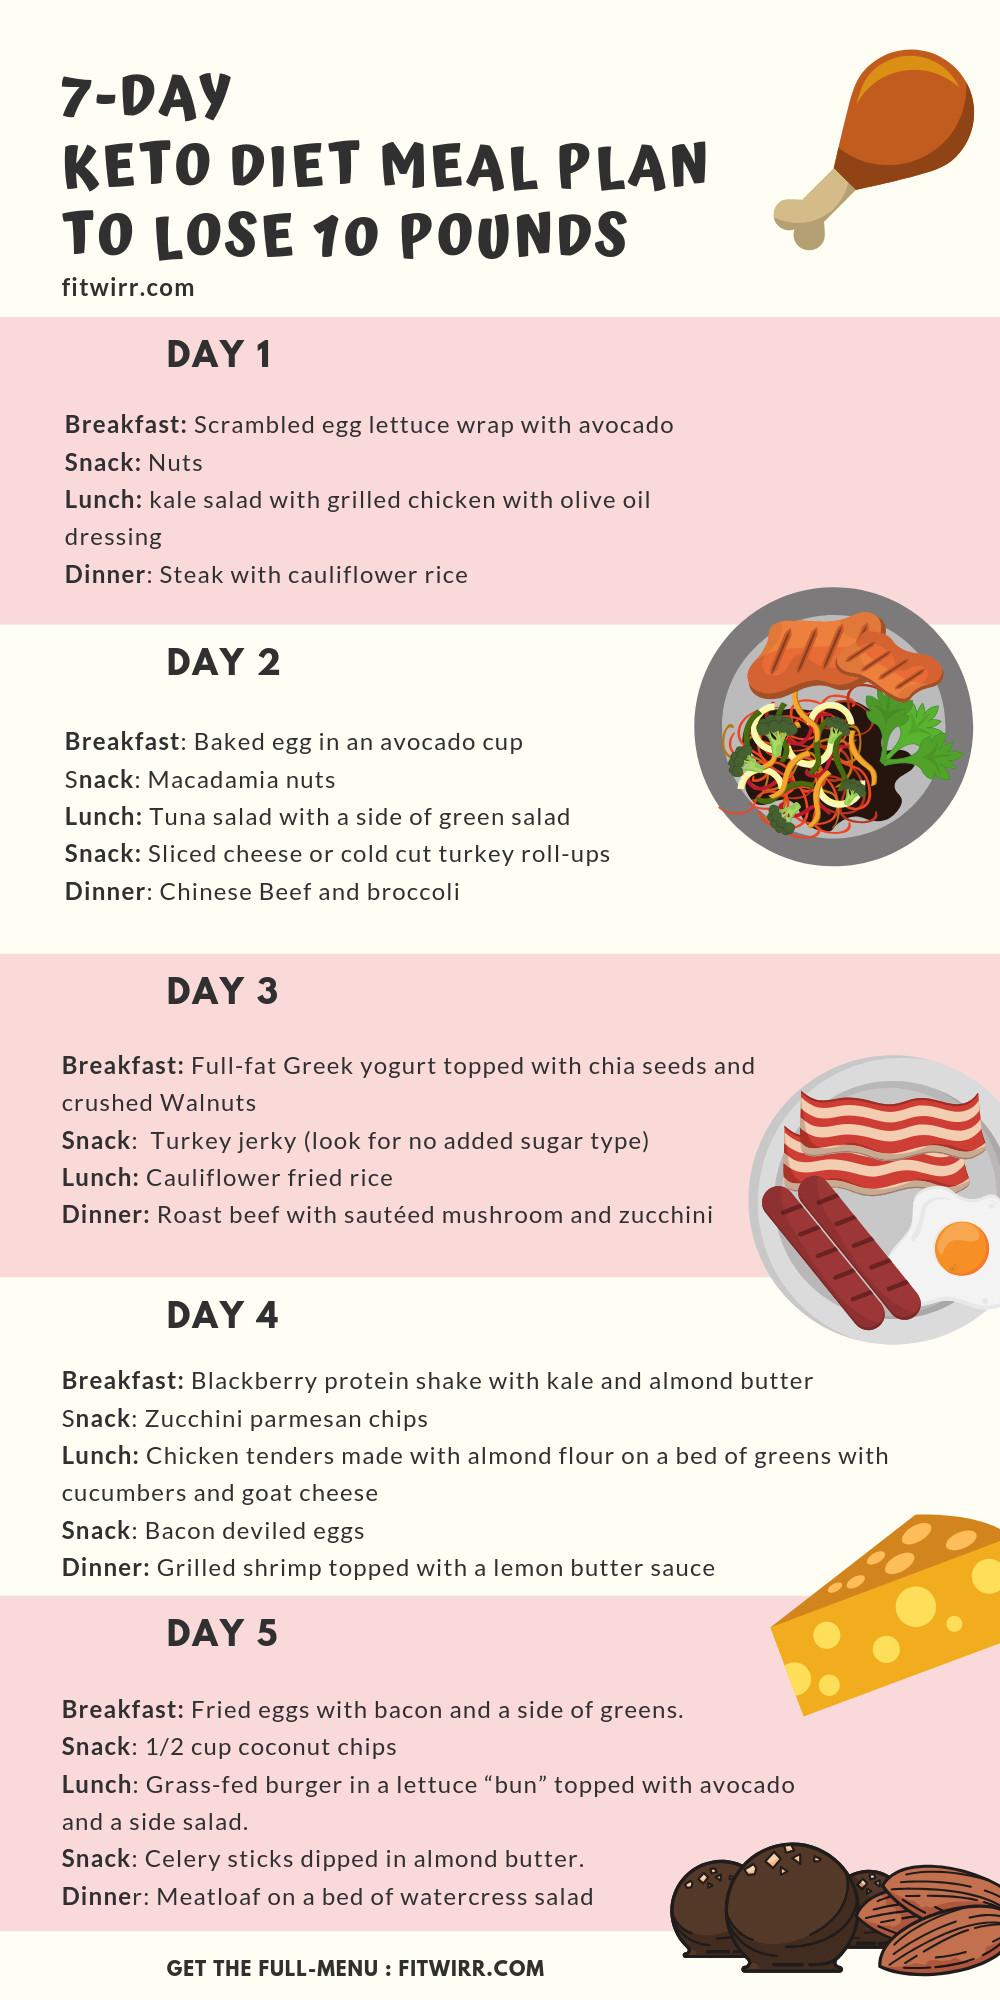 Keto Diet For Beginners Week 1 Meal Plan Recipes  Keto Diet Menu 7 Day Keto Meal Plan for Beginners to Lose